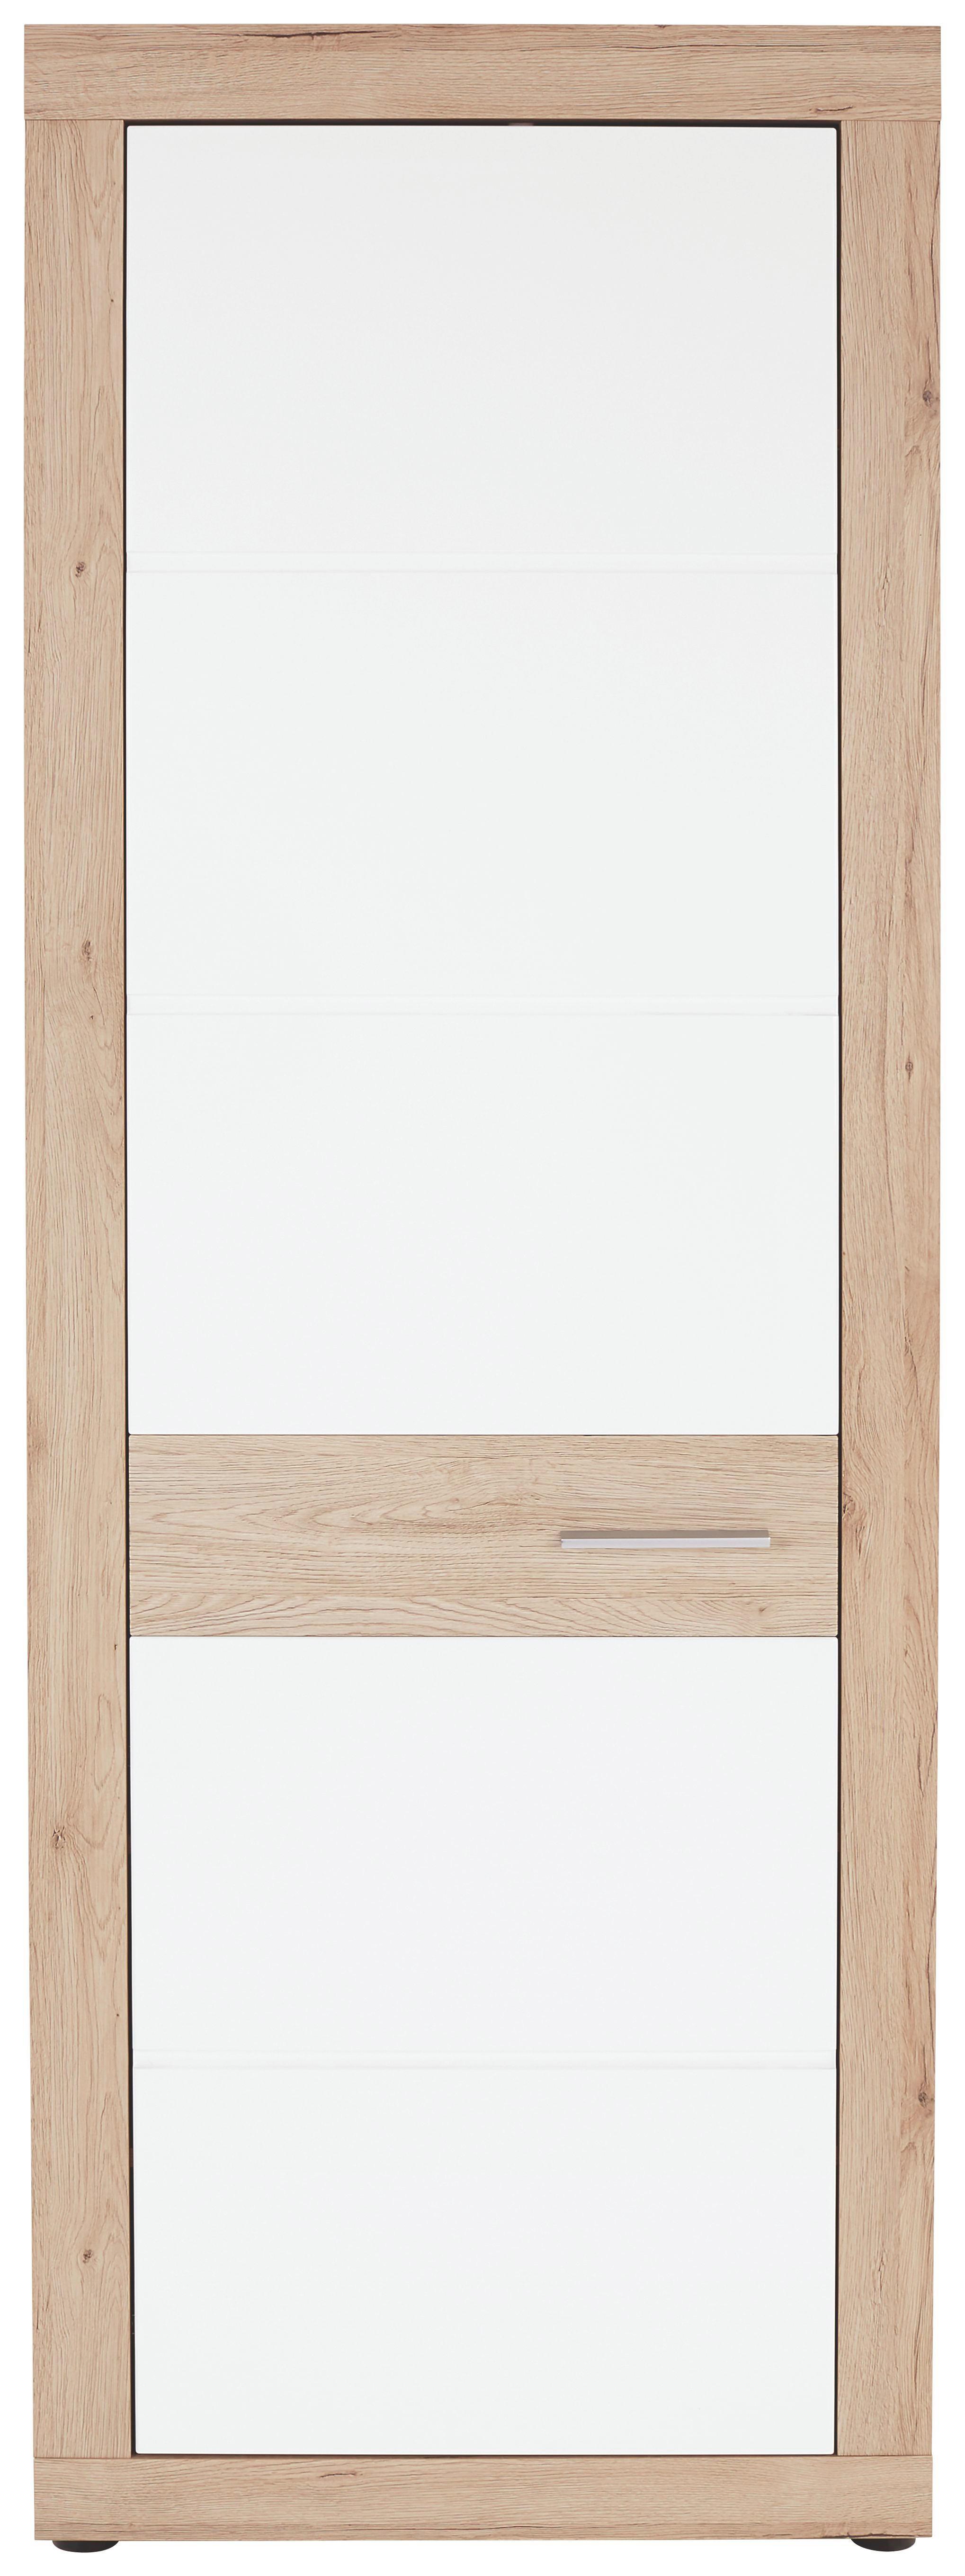 Šatní Skříň Malta - bílá/barvy dubu, Moderní, dřevěný materiál (65/196,8/36cm)